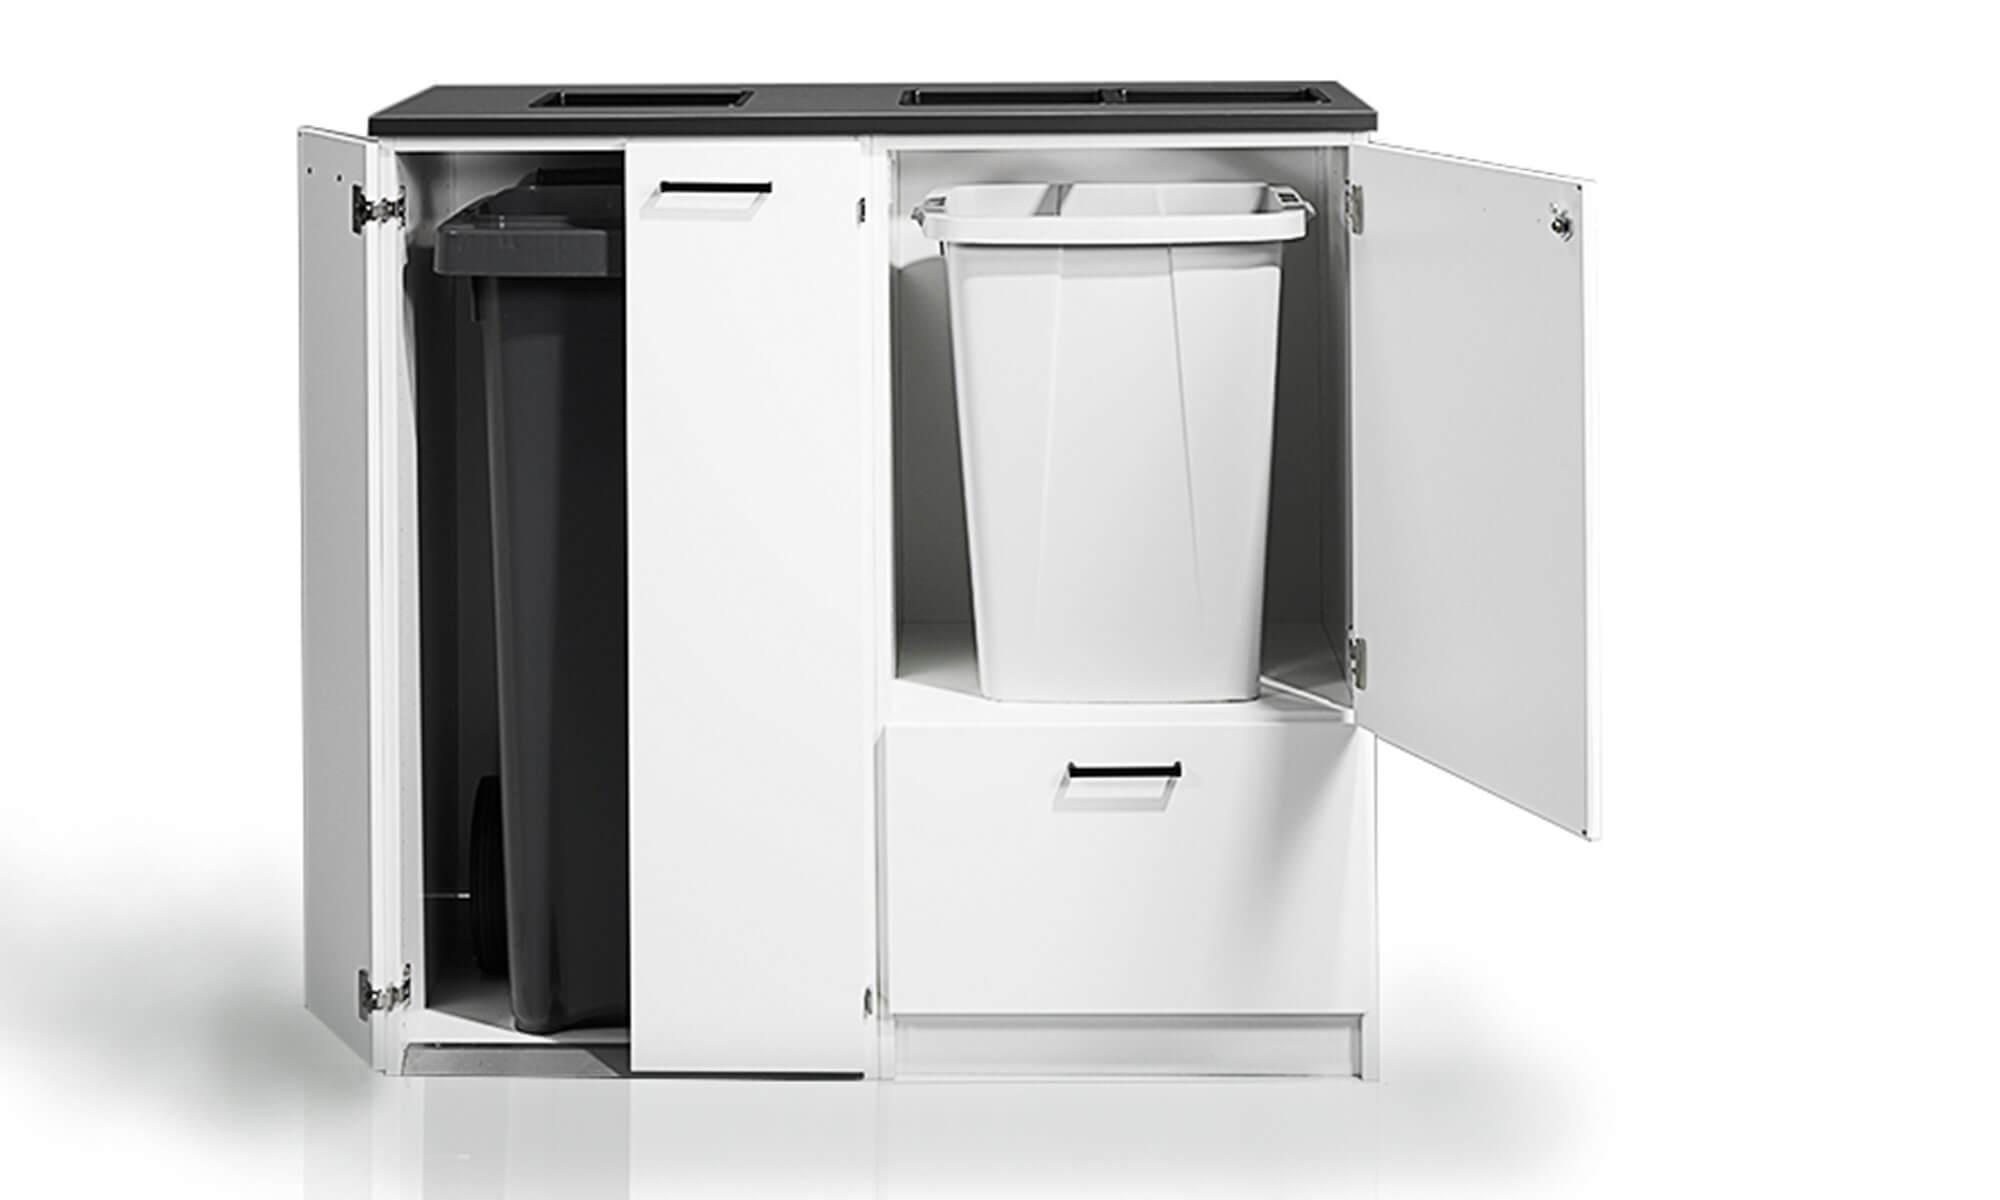 miljöstationer miljödiskar recycling källsortering waste bin station trece kontor office